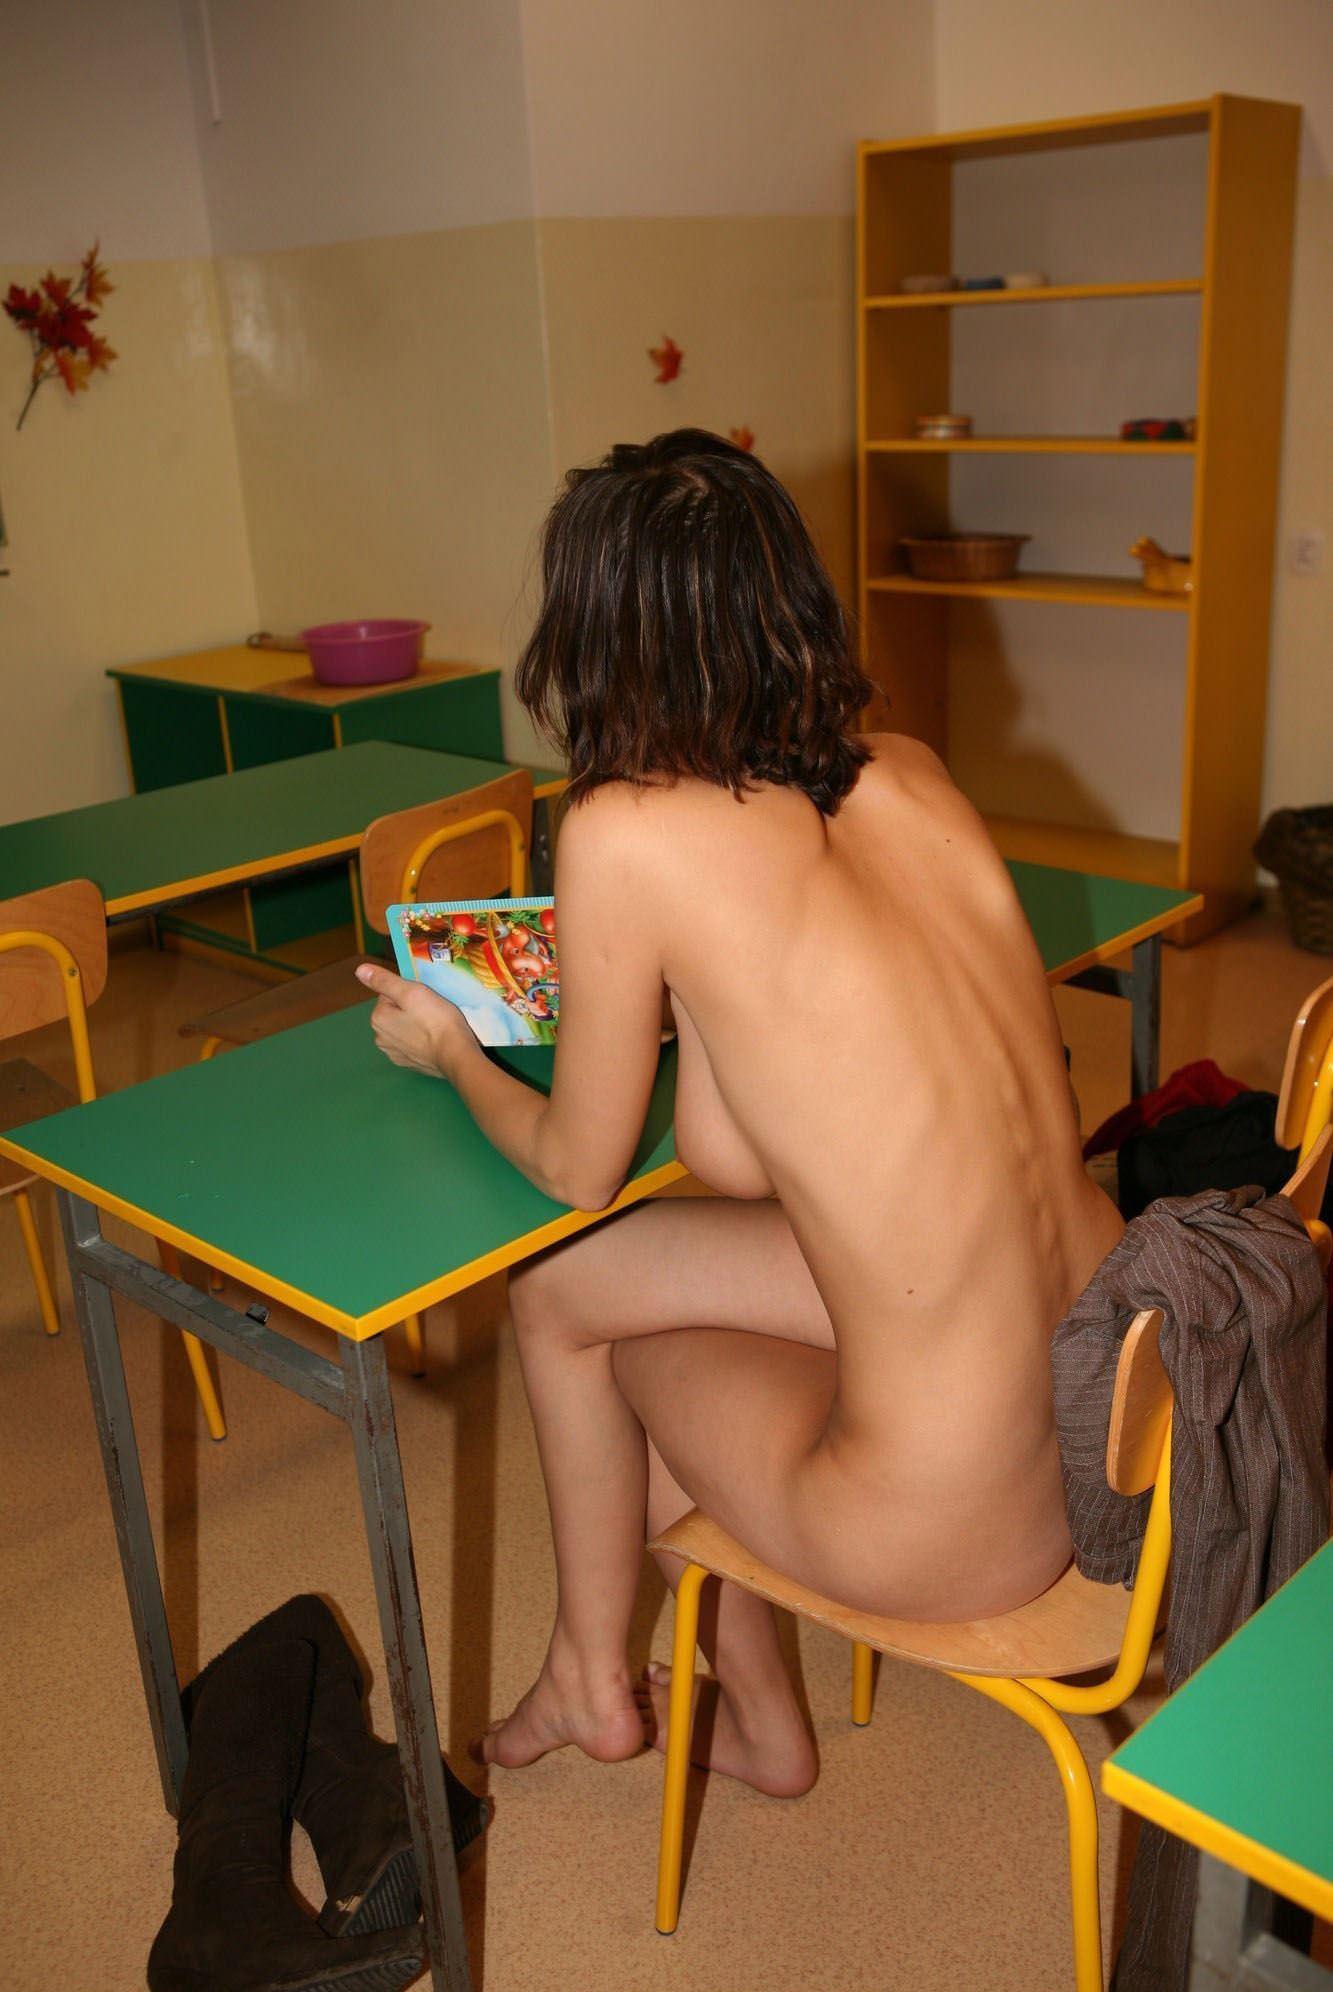 【外人】素っ裸のオールヌードで授業を受けるクラスのおふざけポルノ画像 23151